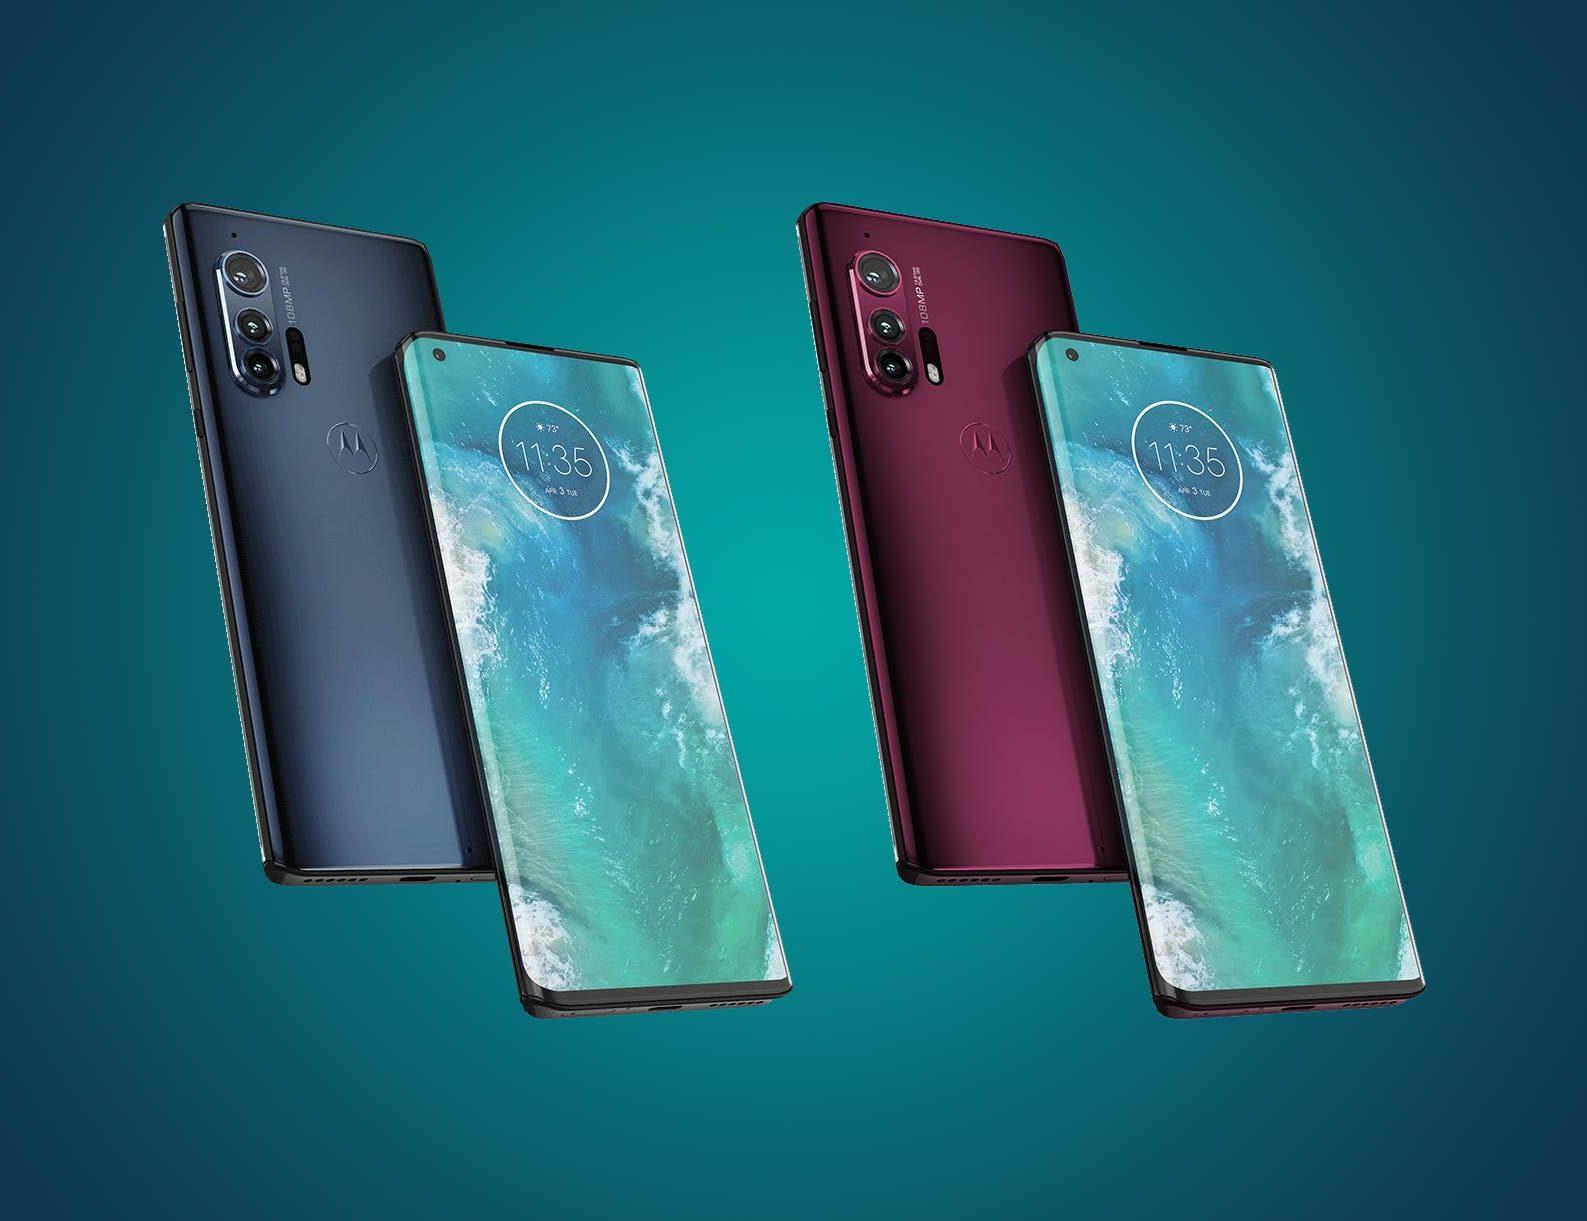 Motorola Edge y Edge Plus, primeras impresiones: la compañía ha aprendido de sus errores y la espera ha valido la pena